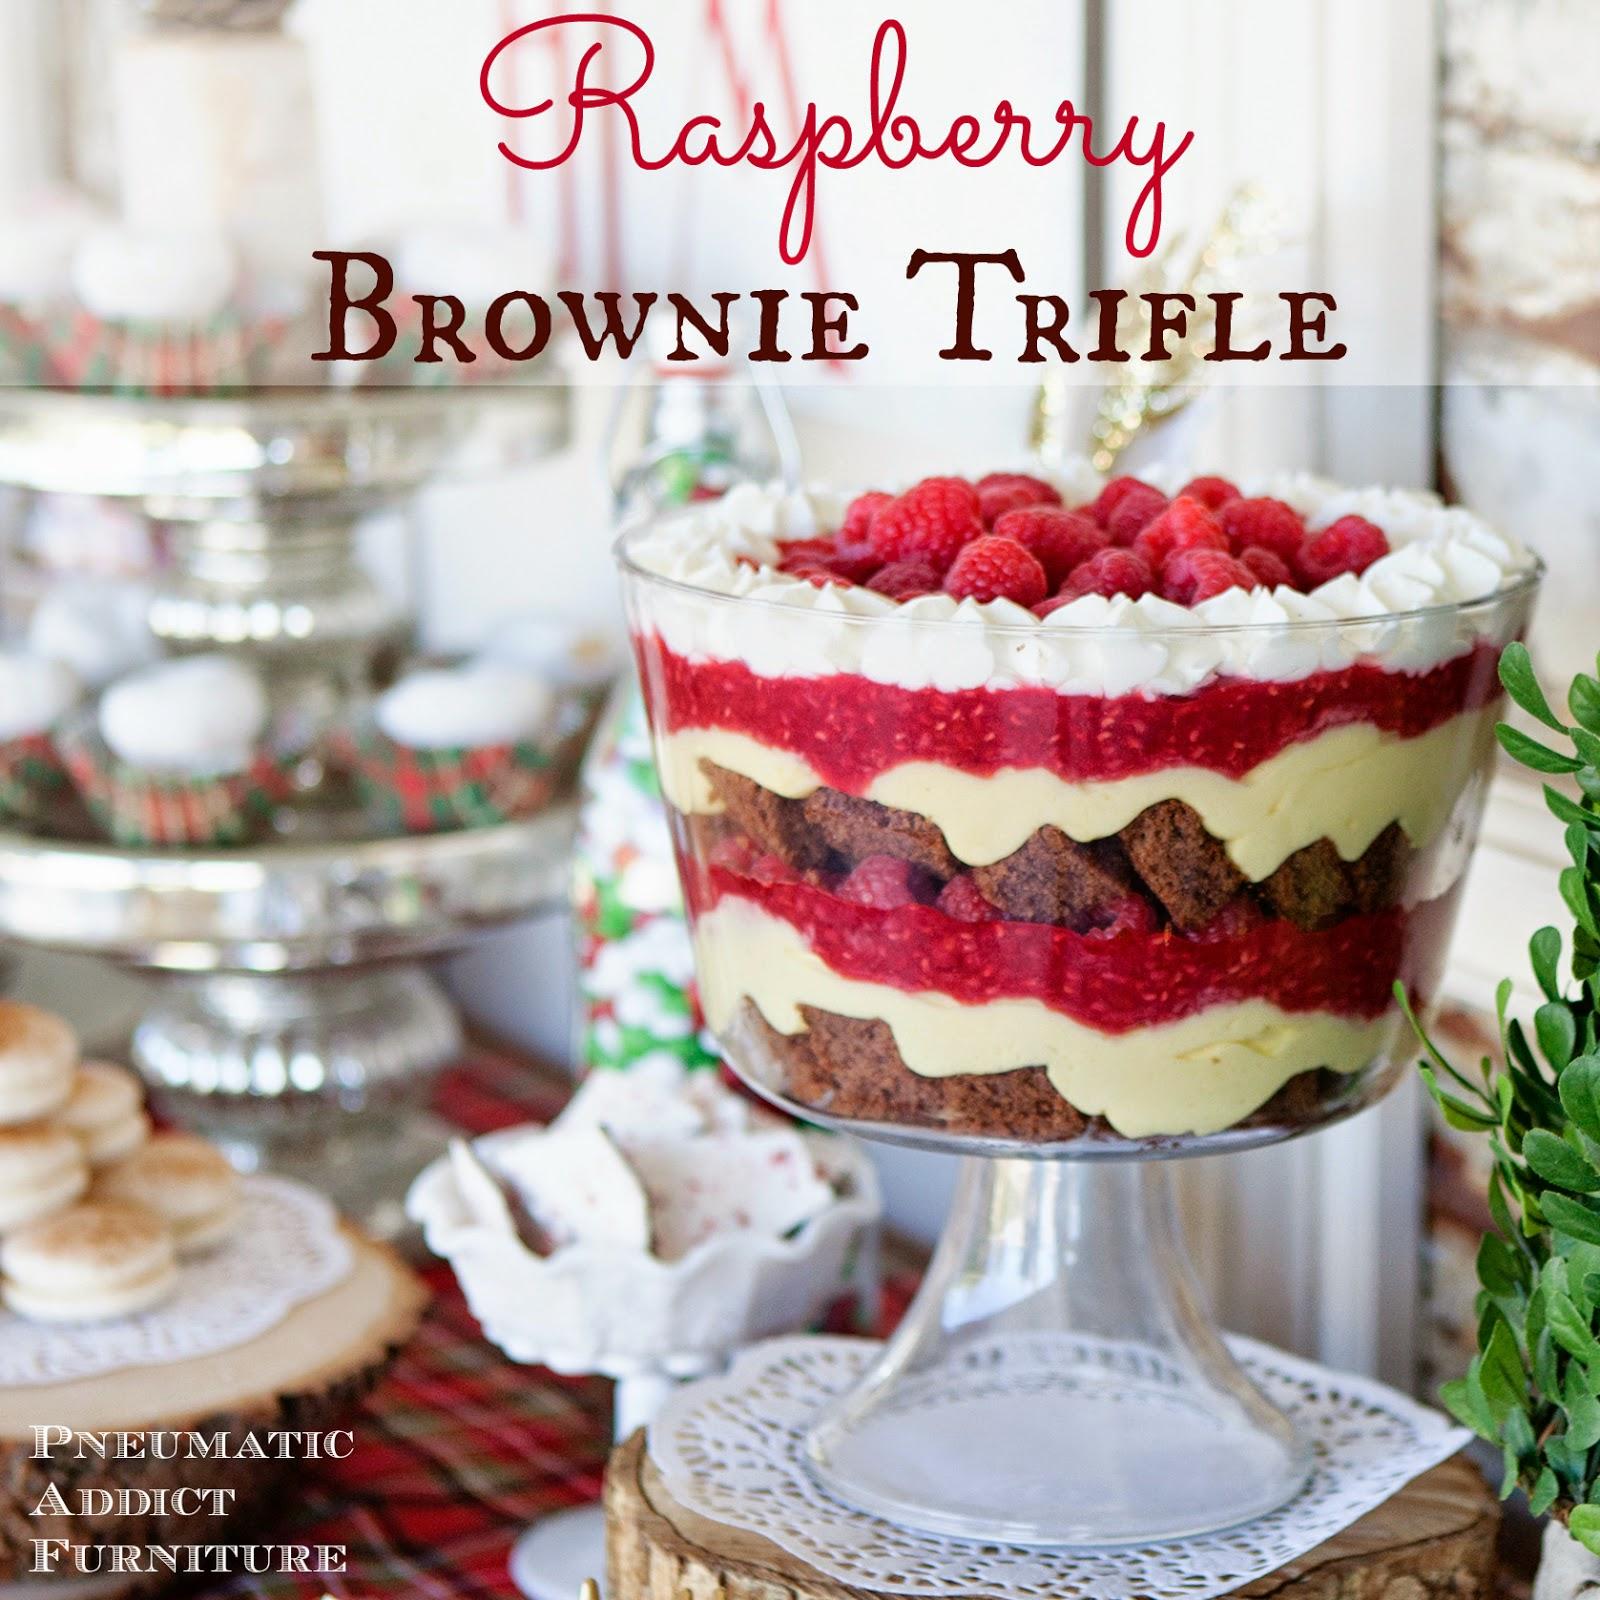 raspberry-brownie-trifle-recipe